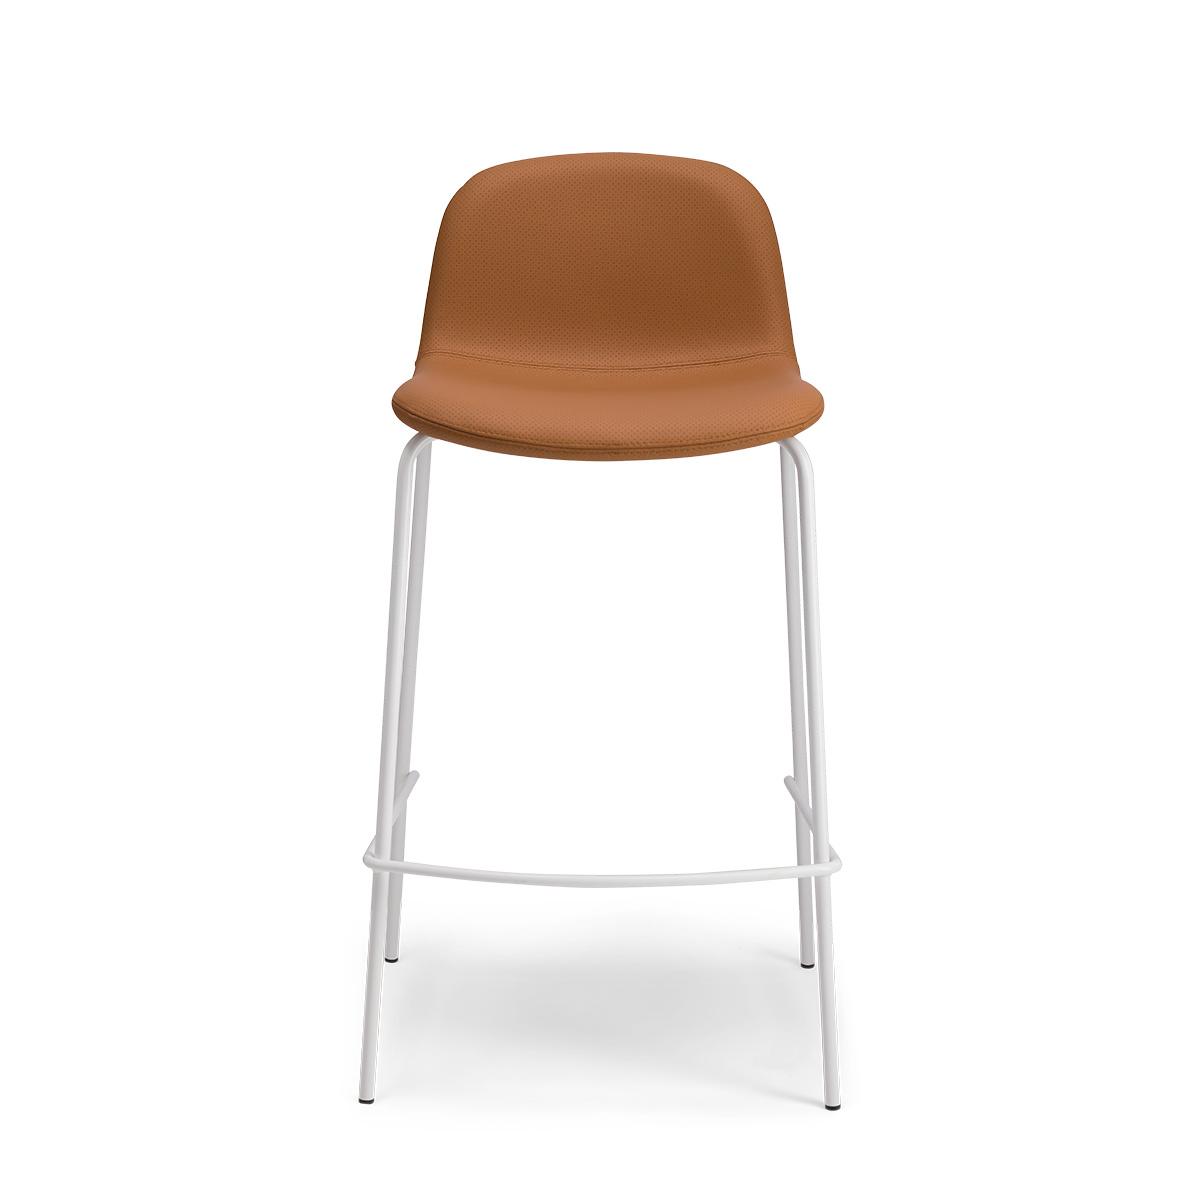 Chaise de bar Monza pieds blancs cuir perforé caramel